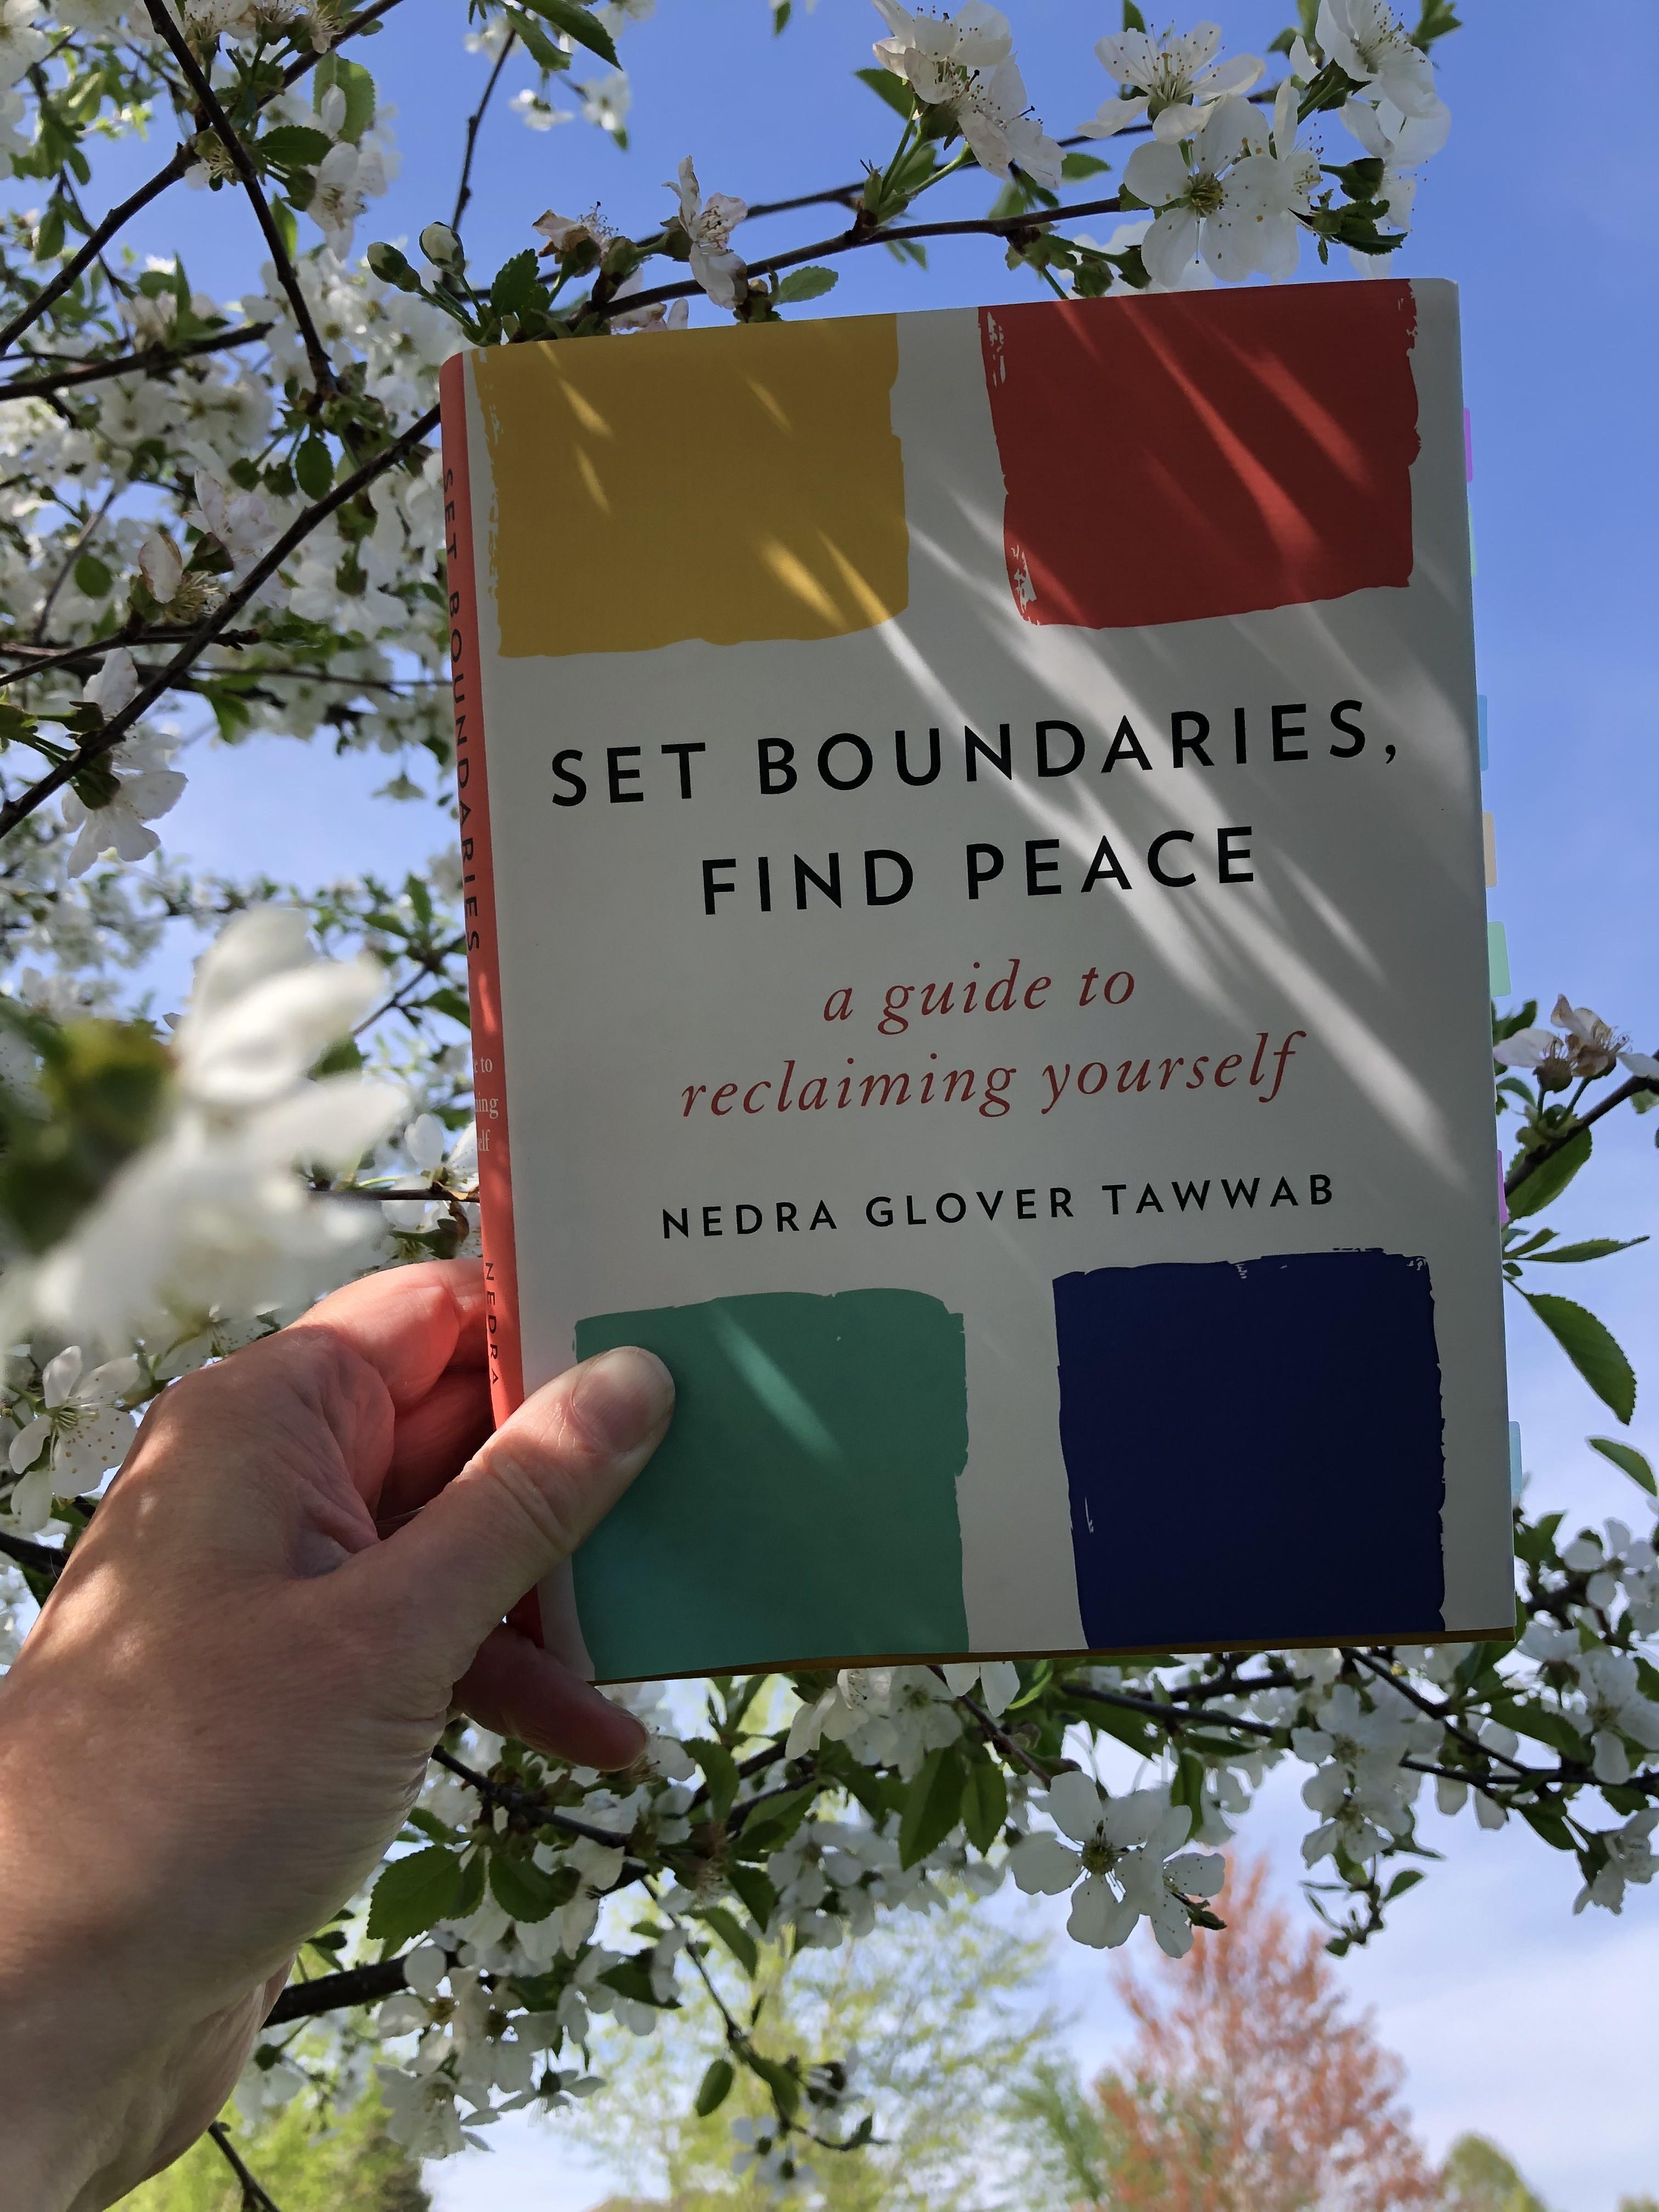 Boundaries book Tawwab